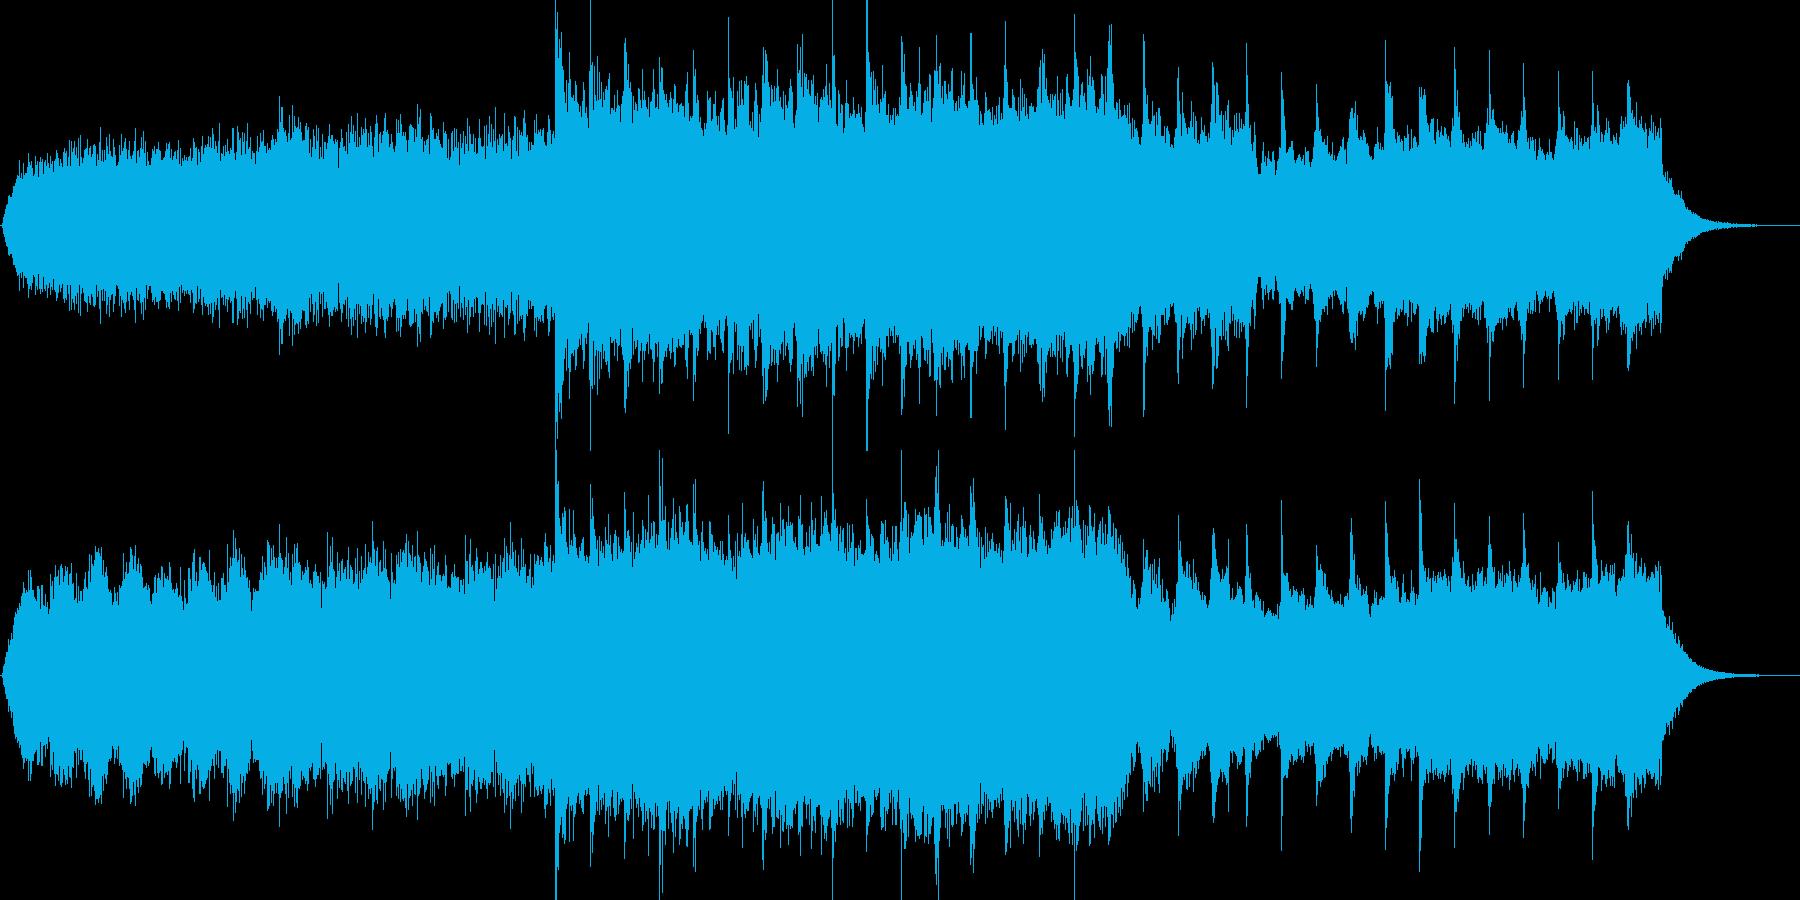 マインドフルネスのための神秘的なBGMの再生済みの波形